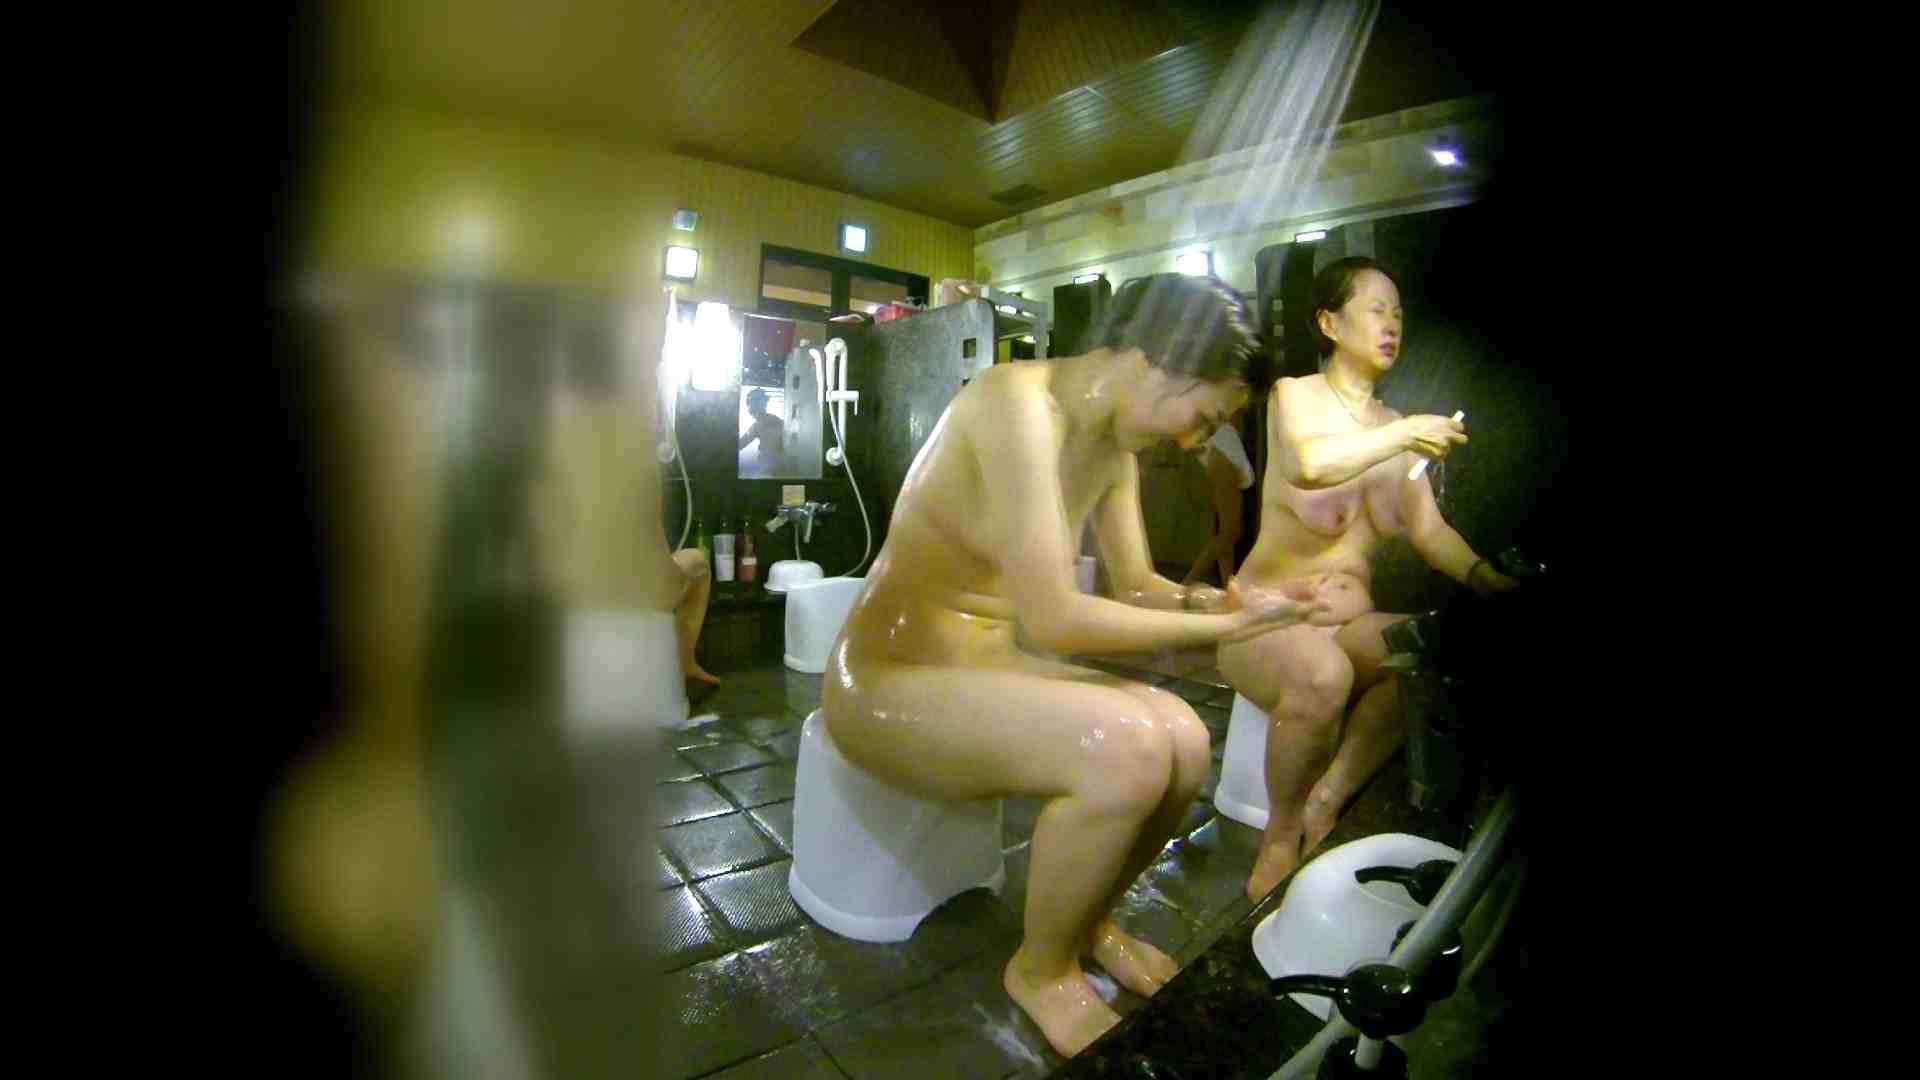 洗い場!右足の位置がいいですね。陰毛もっさり! 銭湯  113pic 57